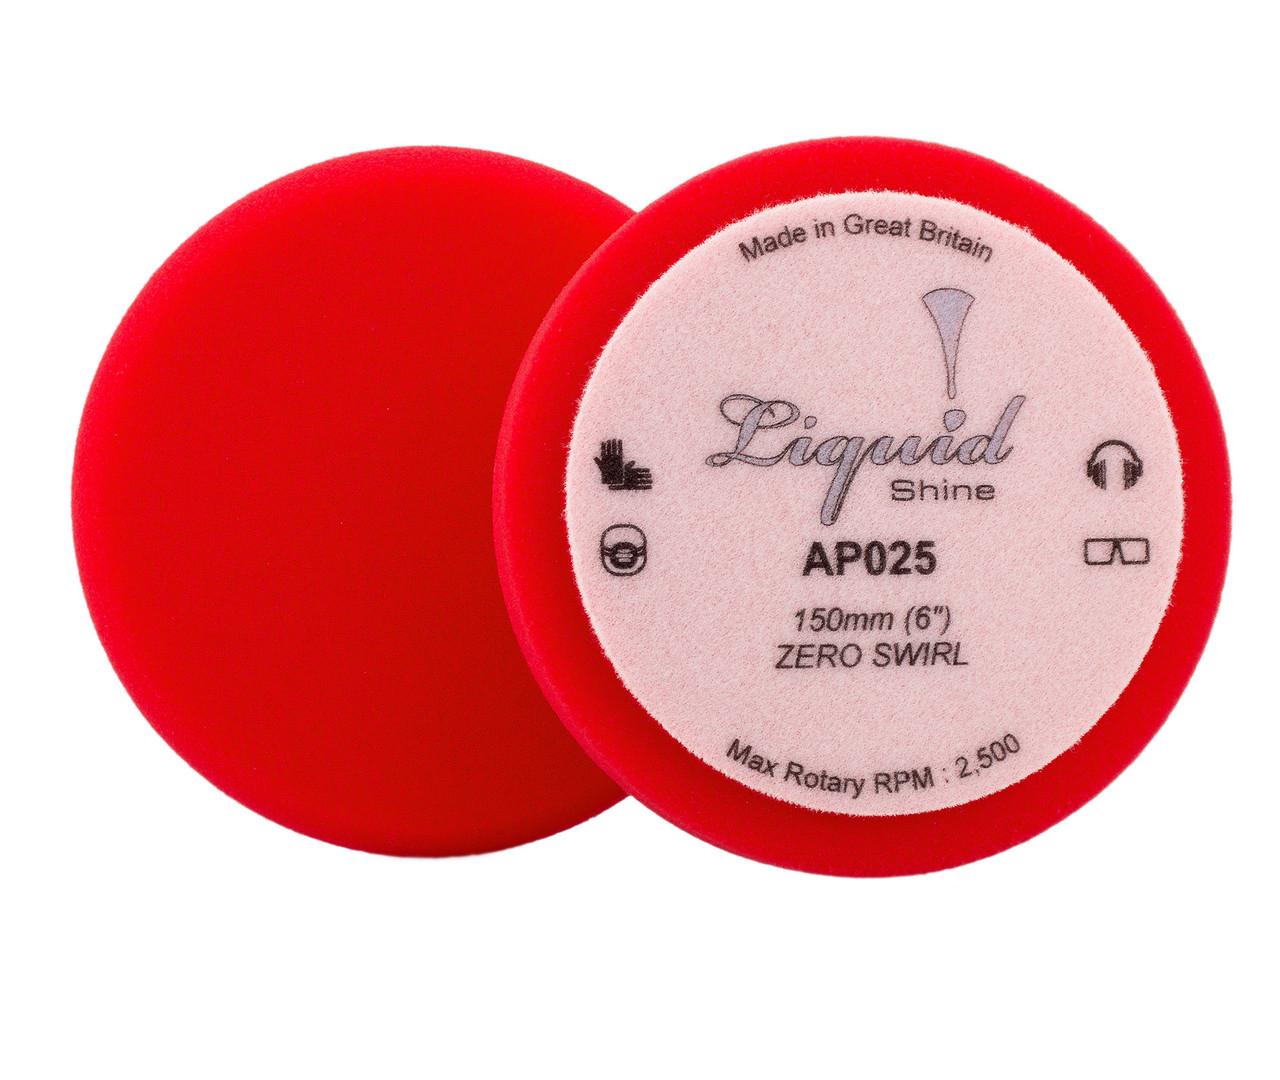 """Набор полировальных кругов мягкий - Flexipads Liquid Shine Zero Swirl 150 мм. (6"""") красный 2 шт. (AP025)"""